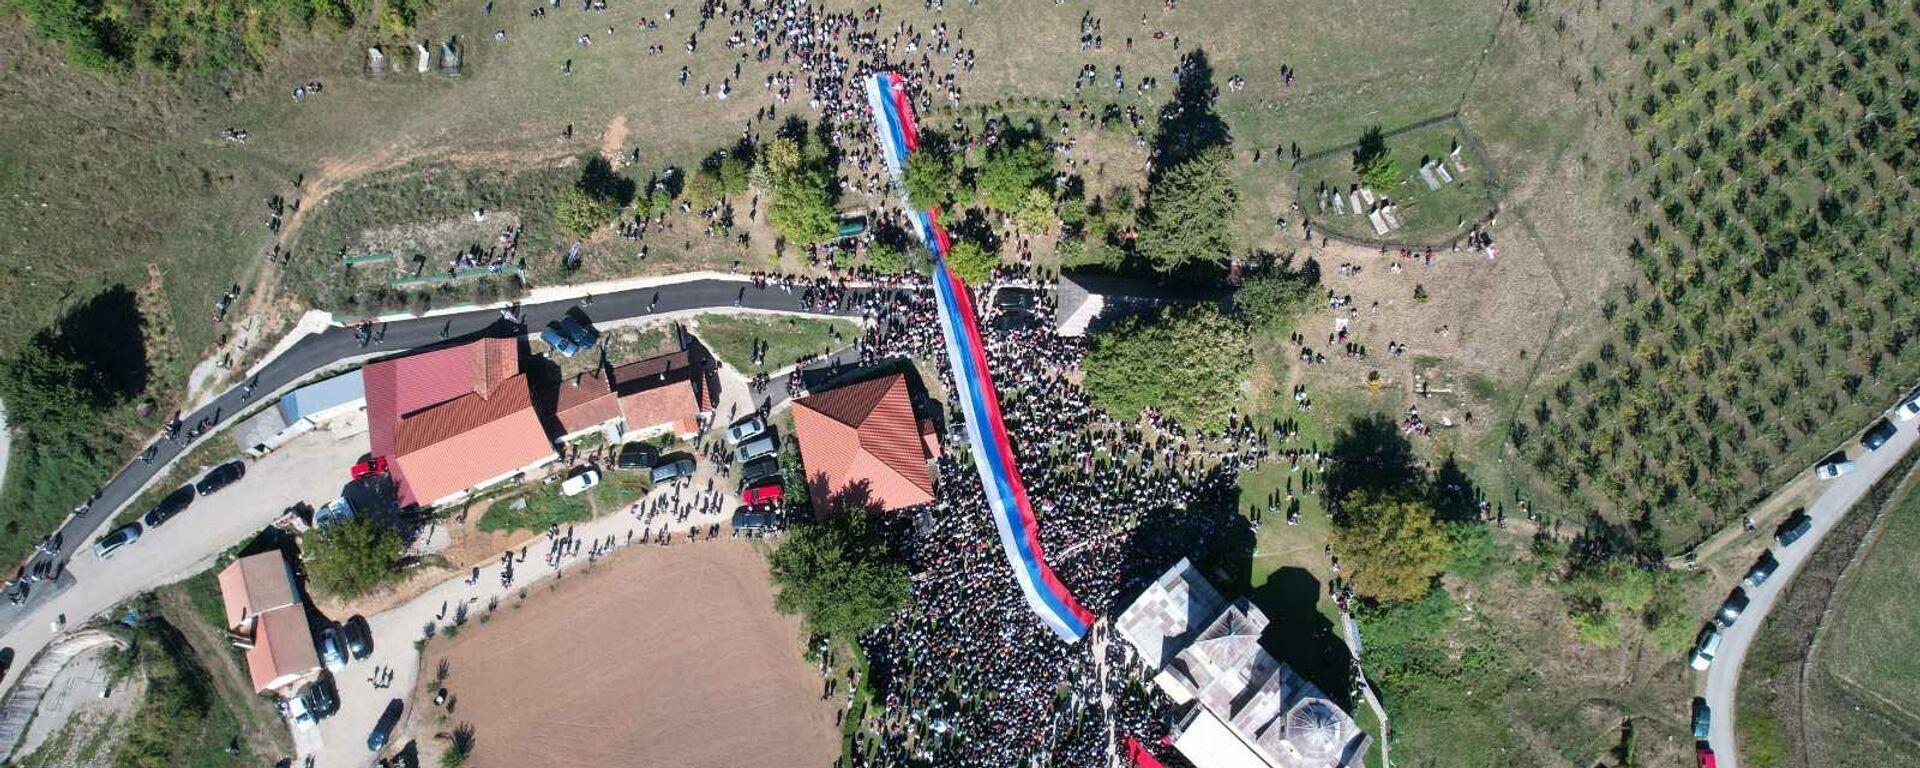 Narod okupljen oko Đurđevih stupova tokom čina ustoličenja vladike Metodija - Sputnik Srbija, 1920, 26.09.2021